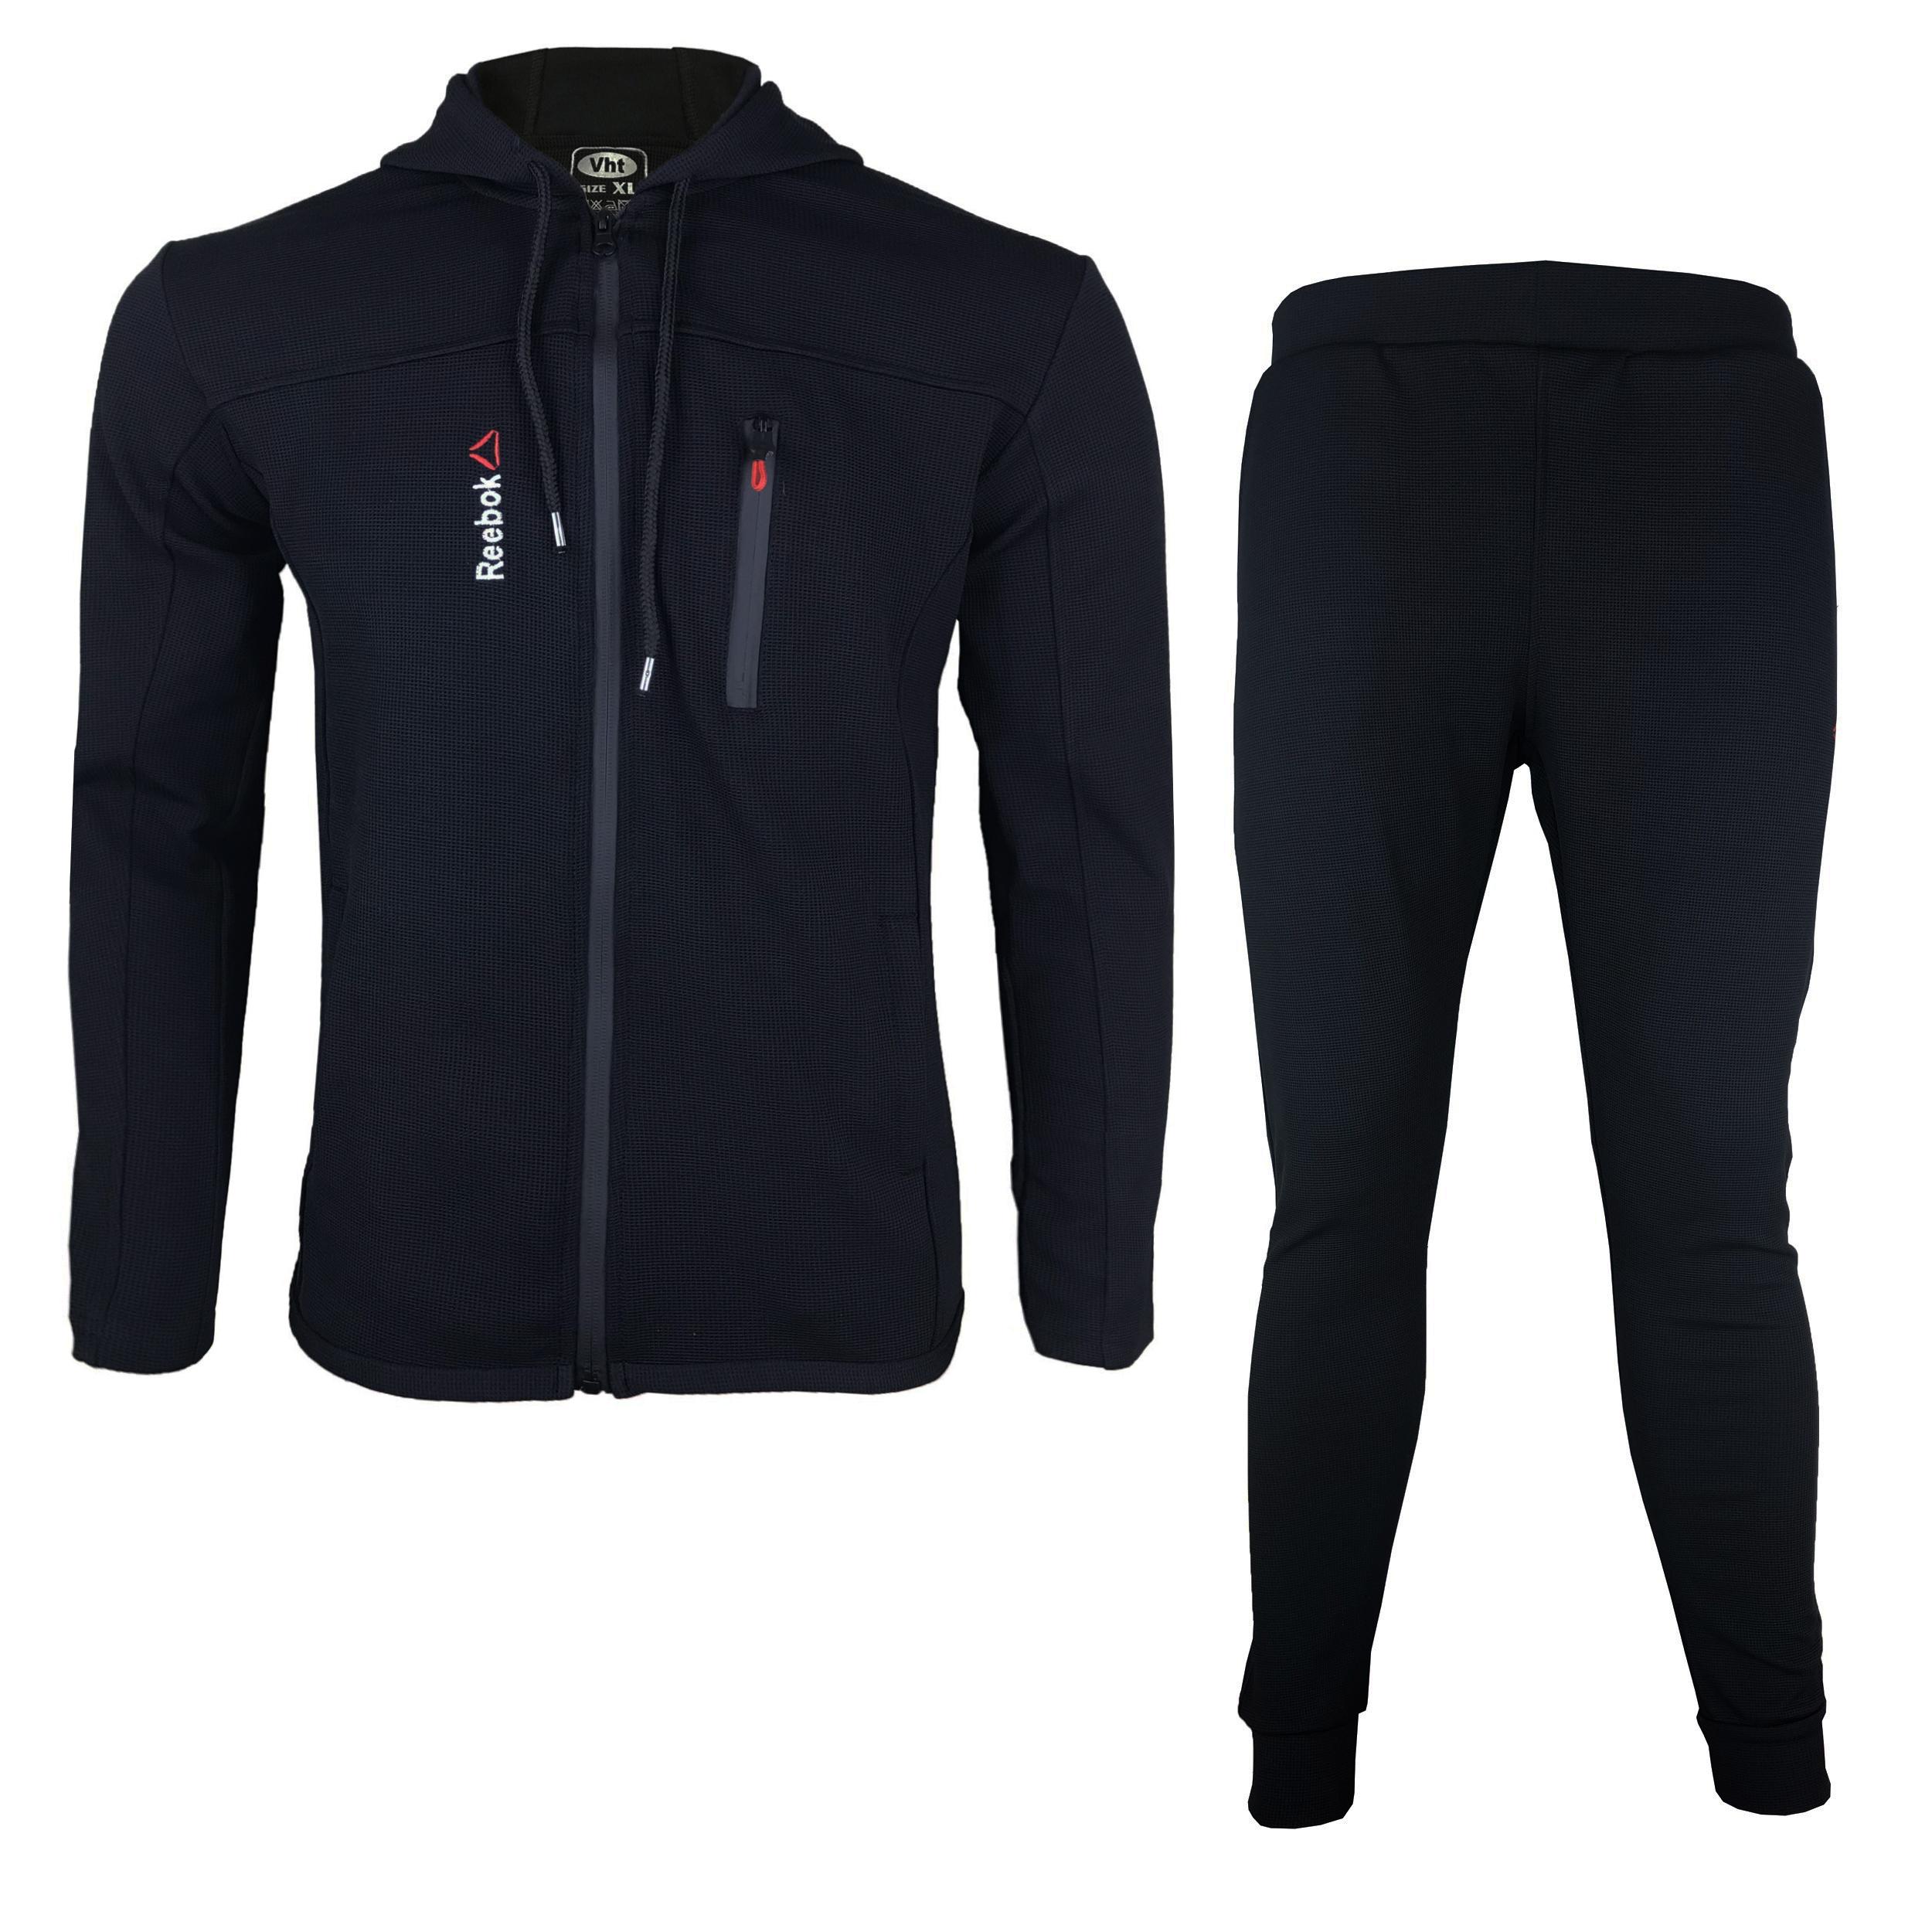 ست گرمکن و شلوار ورزشی مردانه مدل R-BL01                     غیر اصل